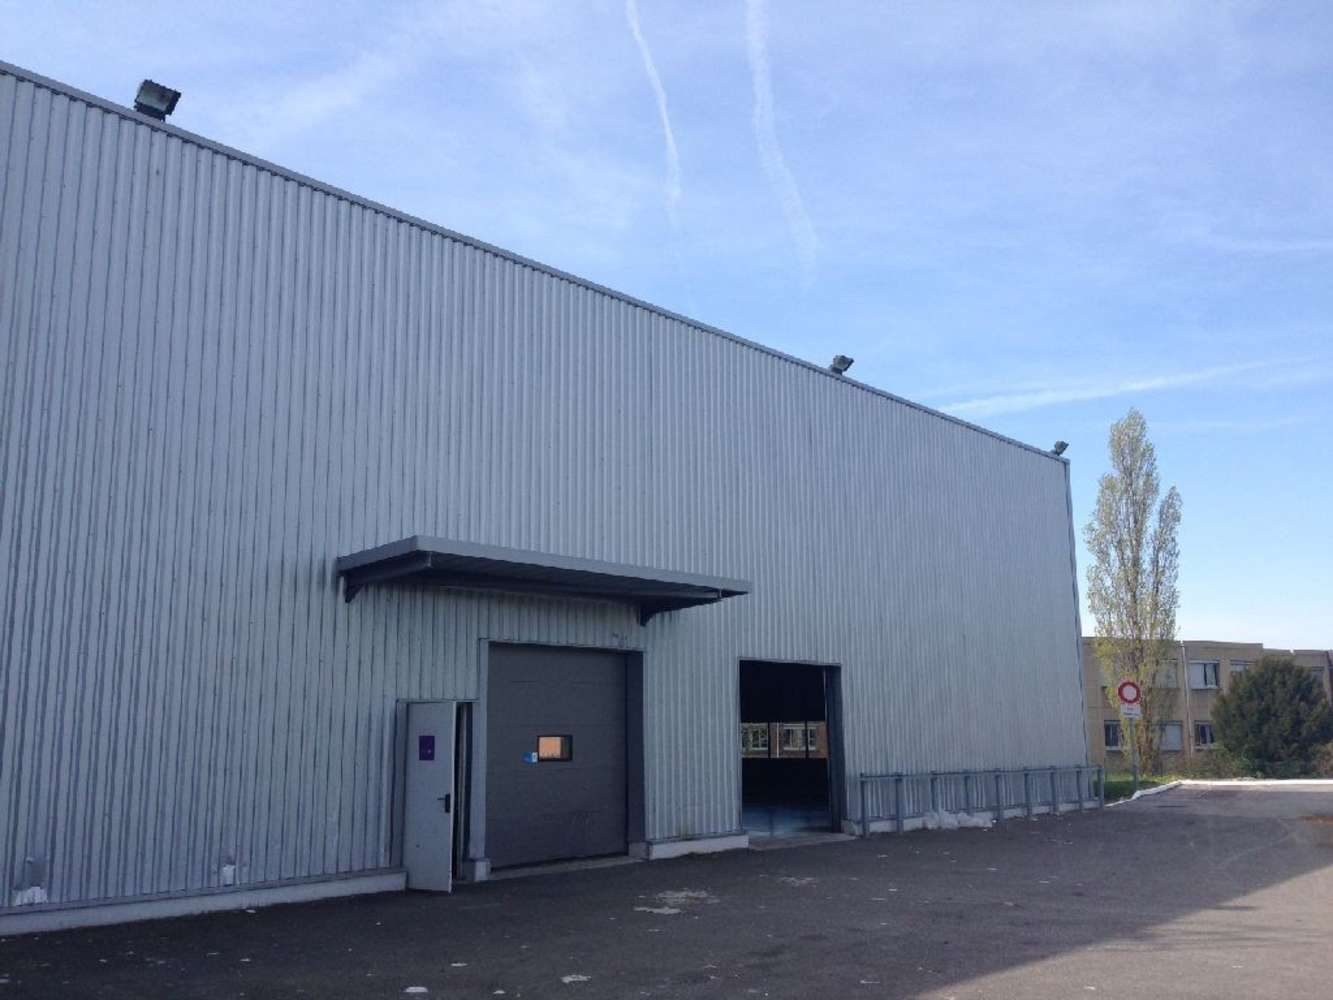 Activités/entrepôt Vaulx en velin, 69120 - Entrepot à louer Vaulx en Velin - Lyon - 9642167